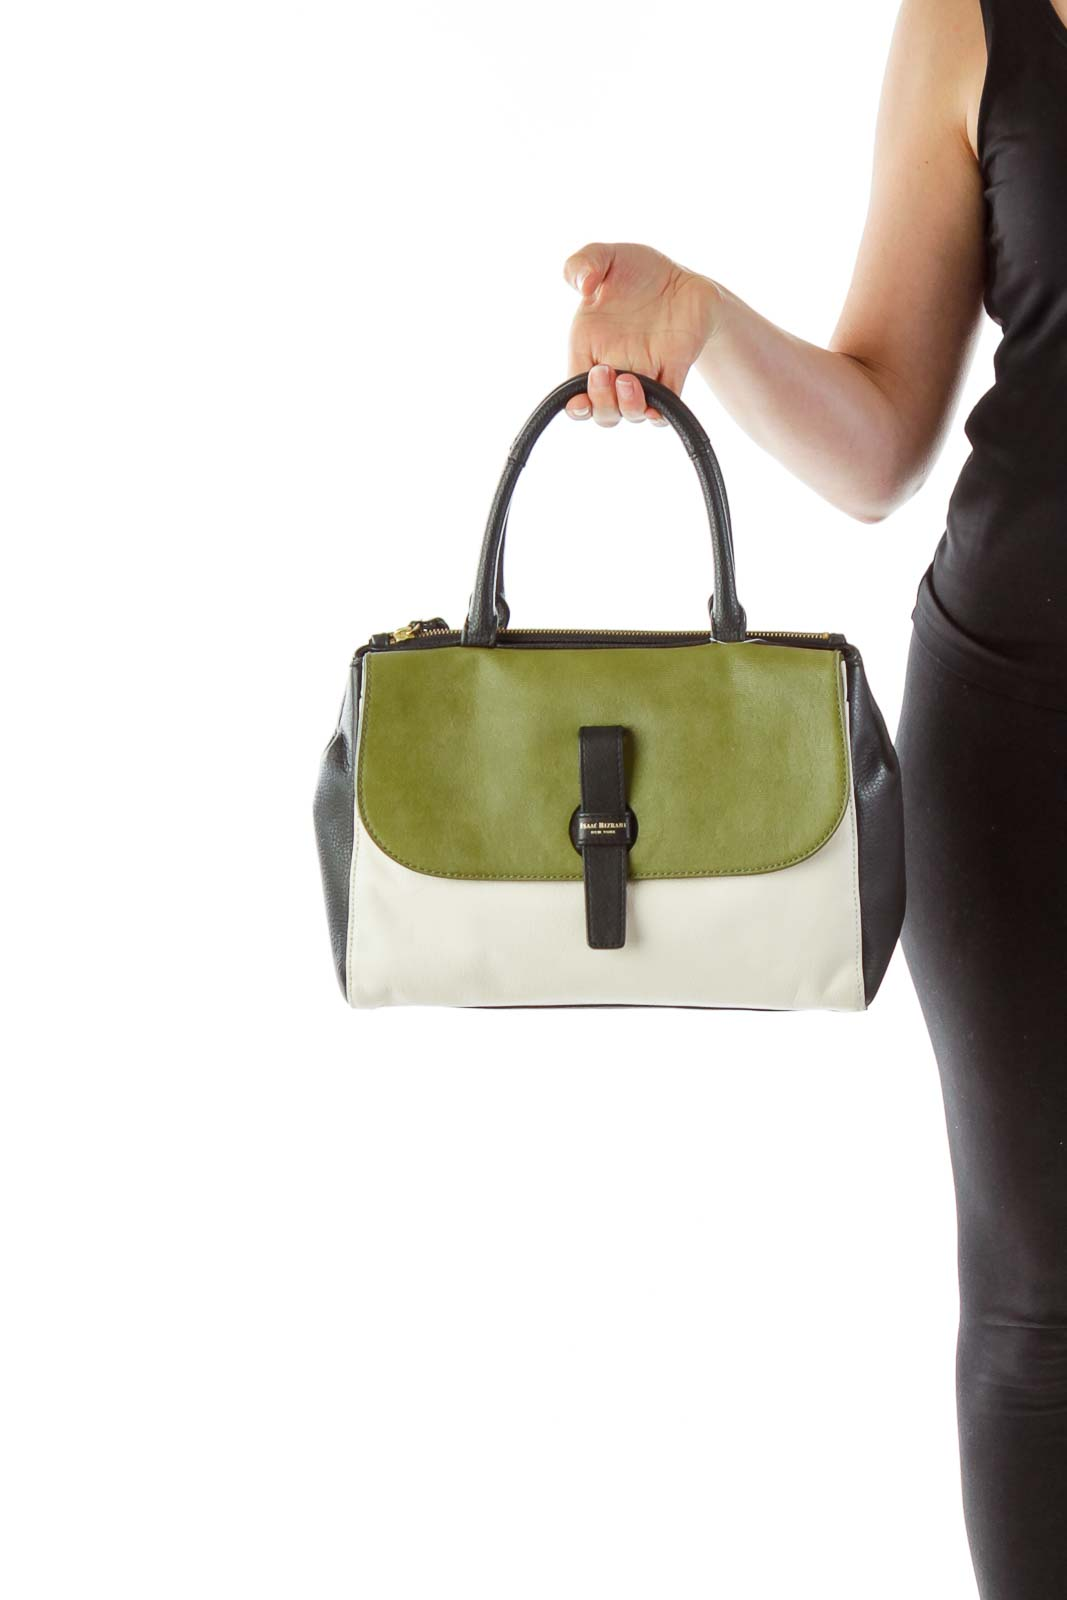 Olive Cream Black Hand Bag Front